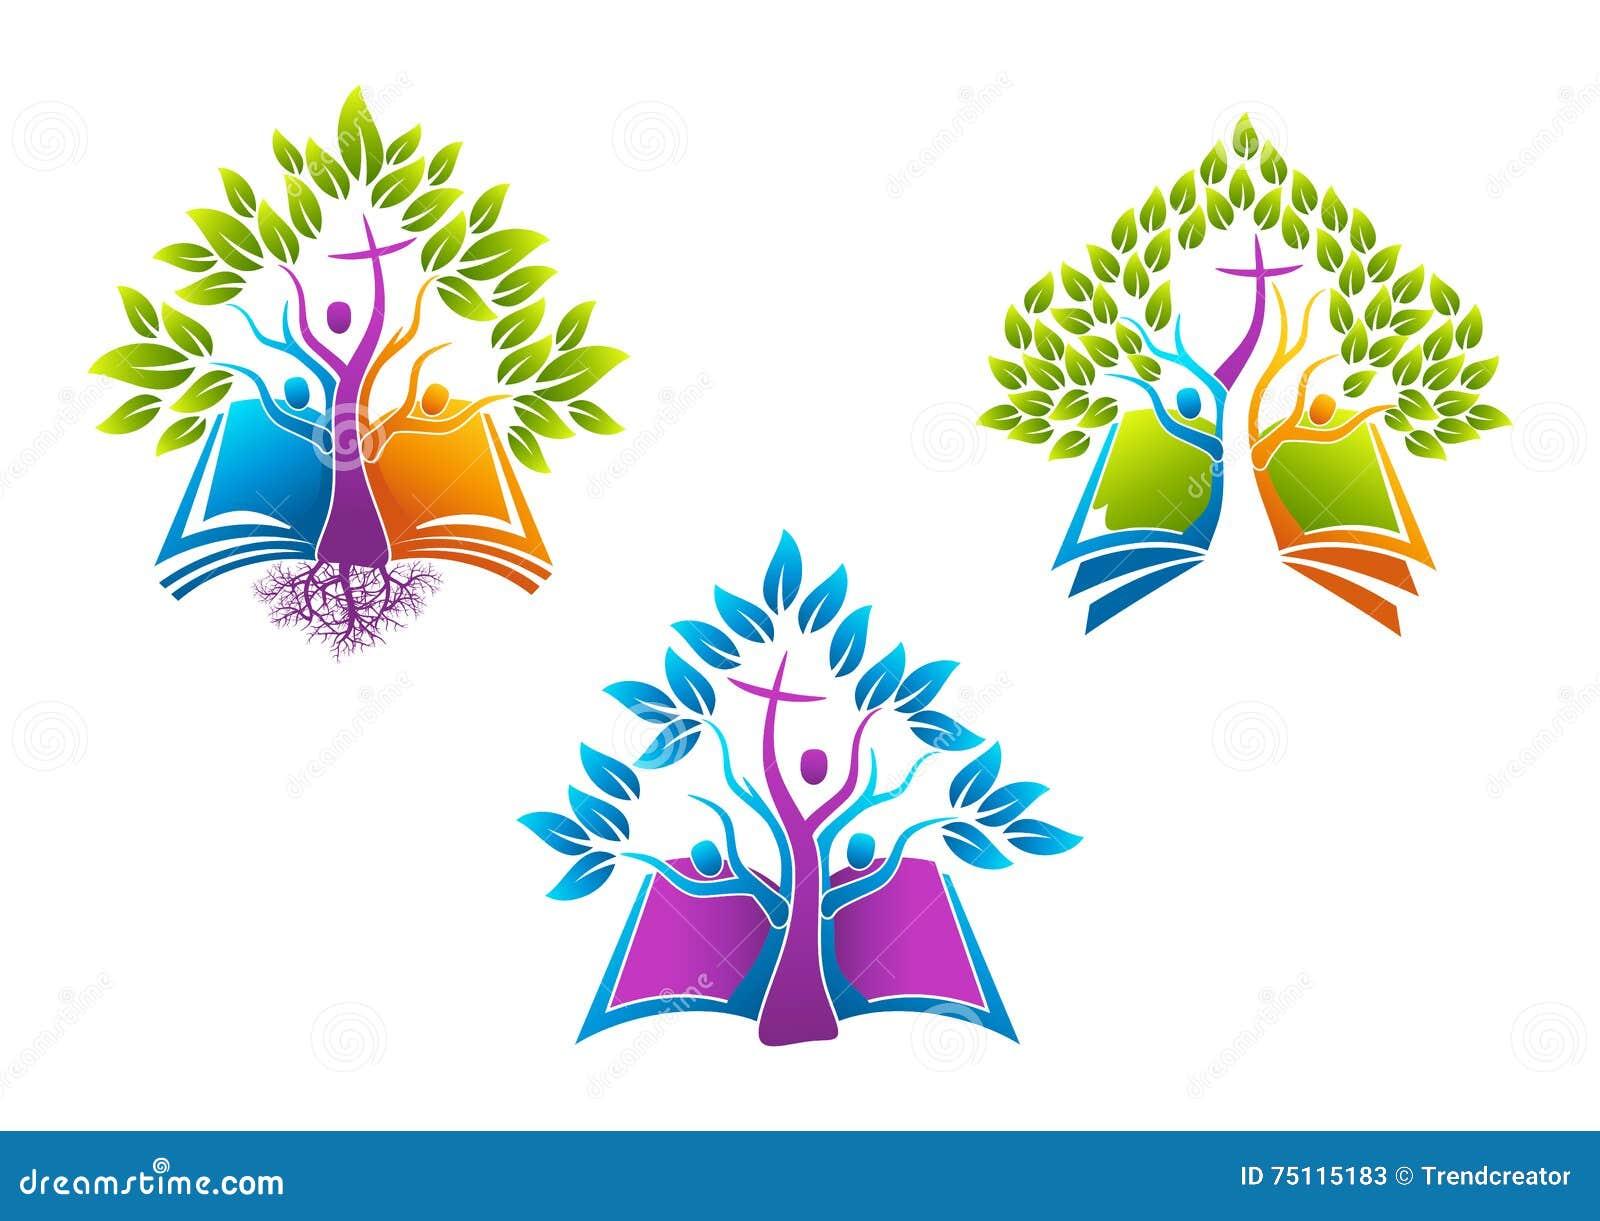 Rotar den kristna trädlogoen för bibeln, bok familjen för den heliga anden för symbolen, för vektorsymbol för folk kyrklig design